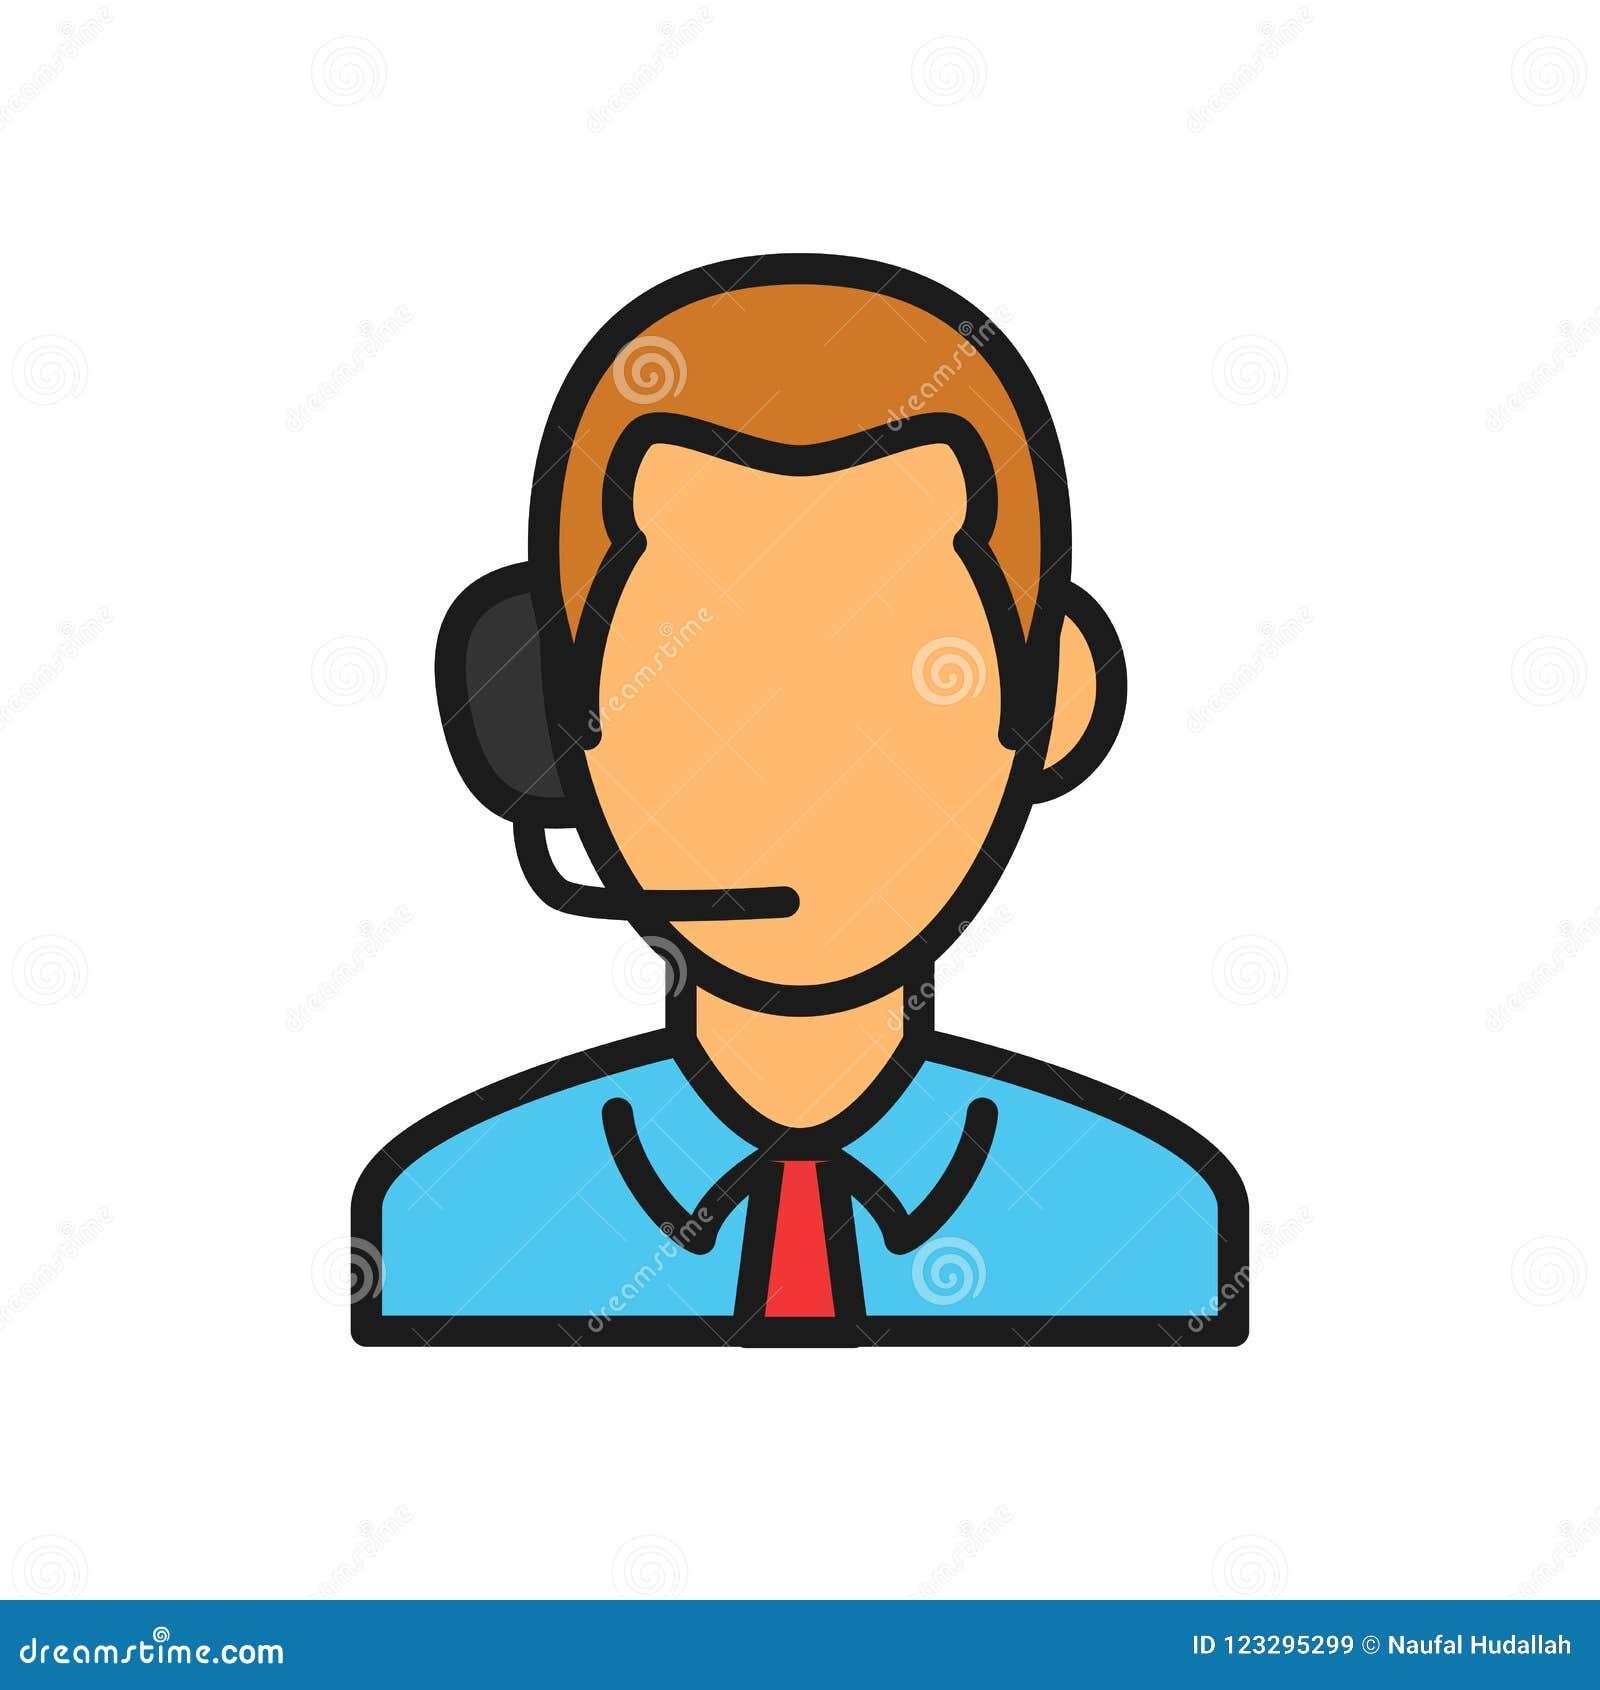 Icono vivo del comentarista del partido de deporte ejemplo del teléfono de la cabeza de la audiencia del hombre símbolo simple de